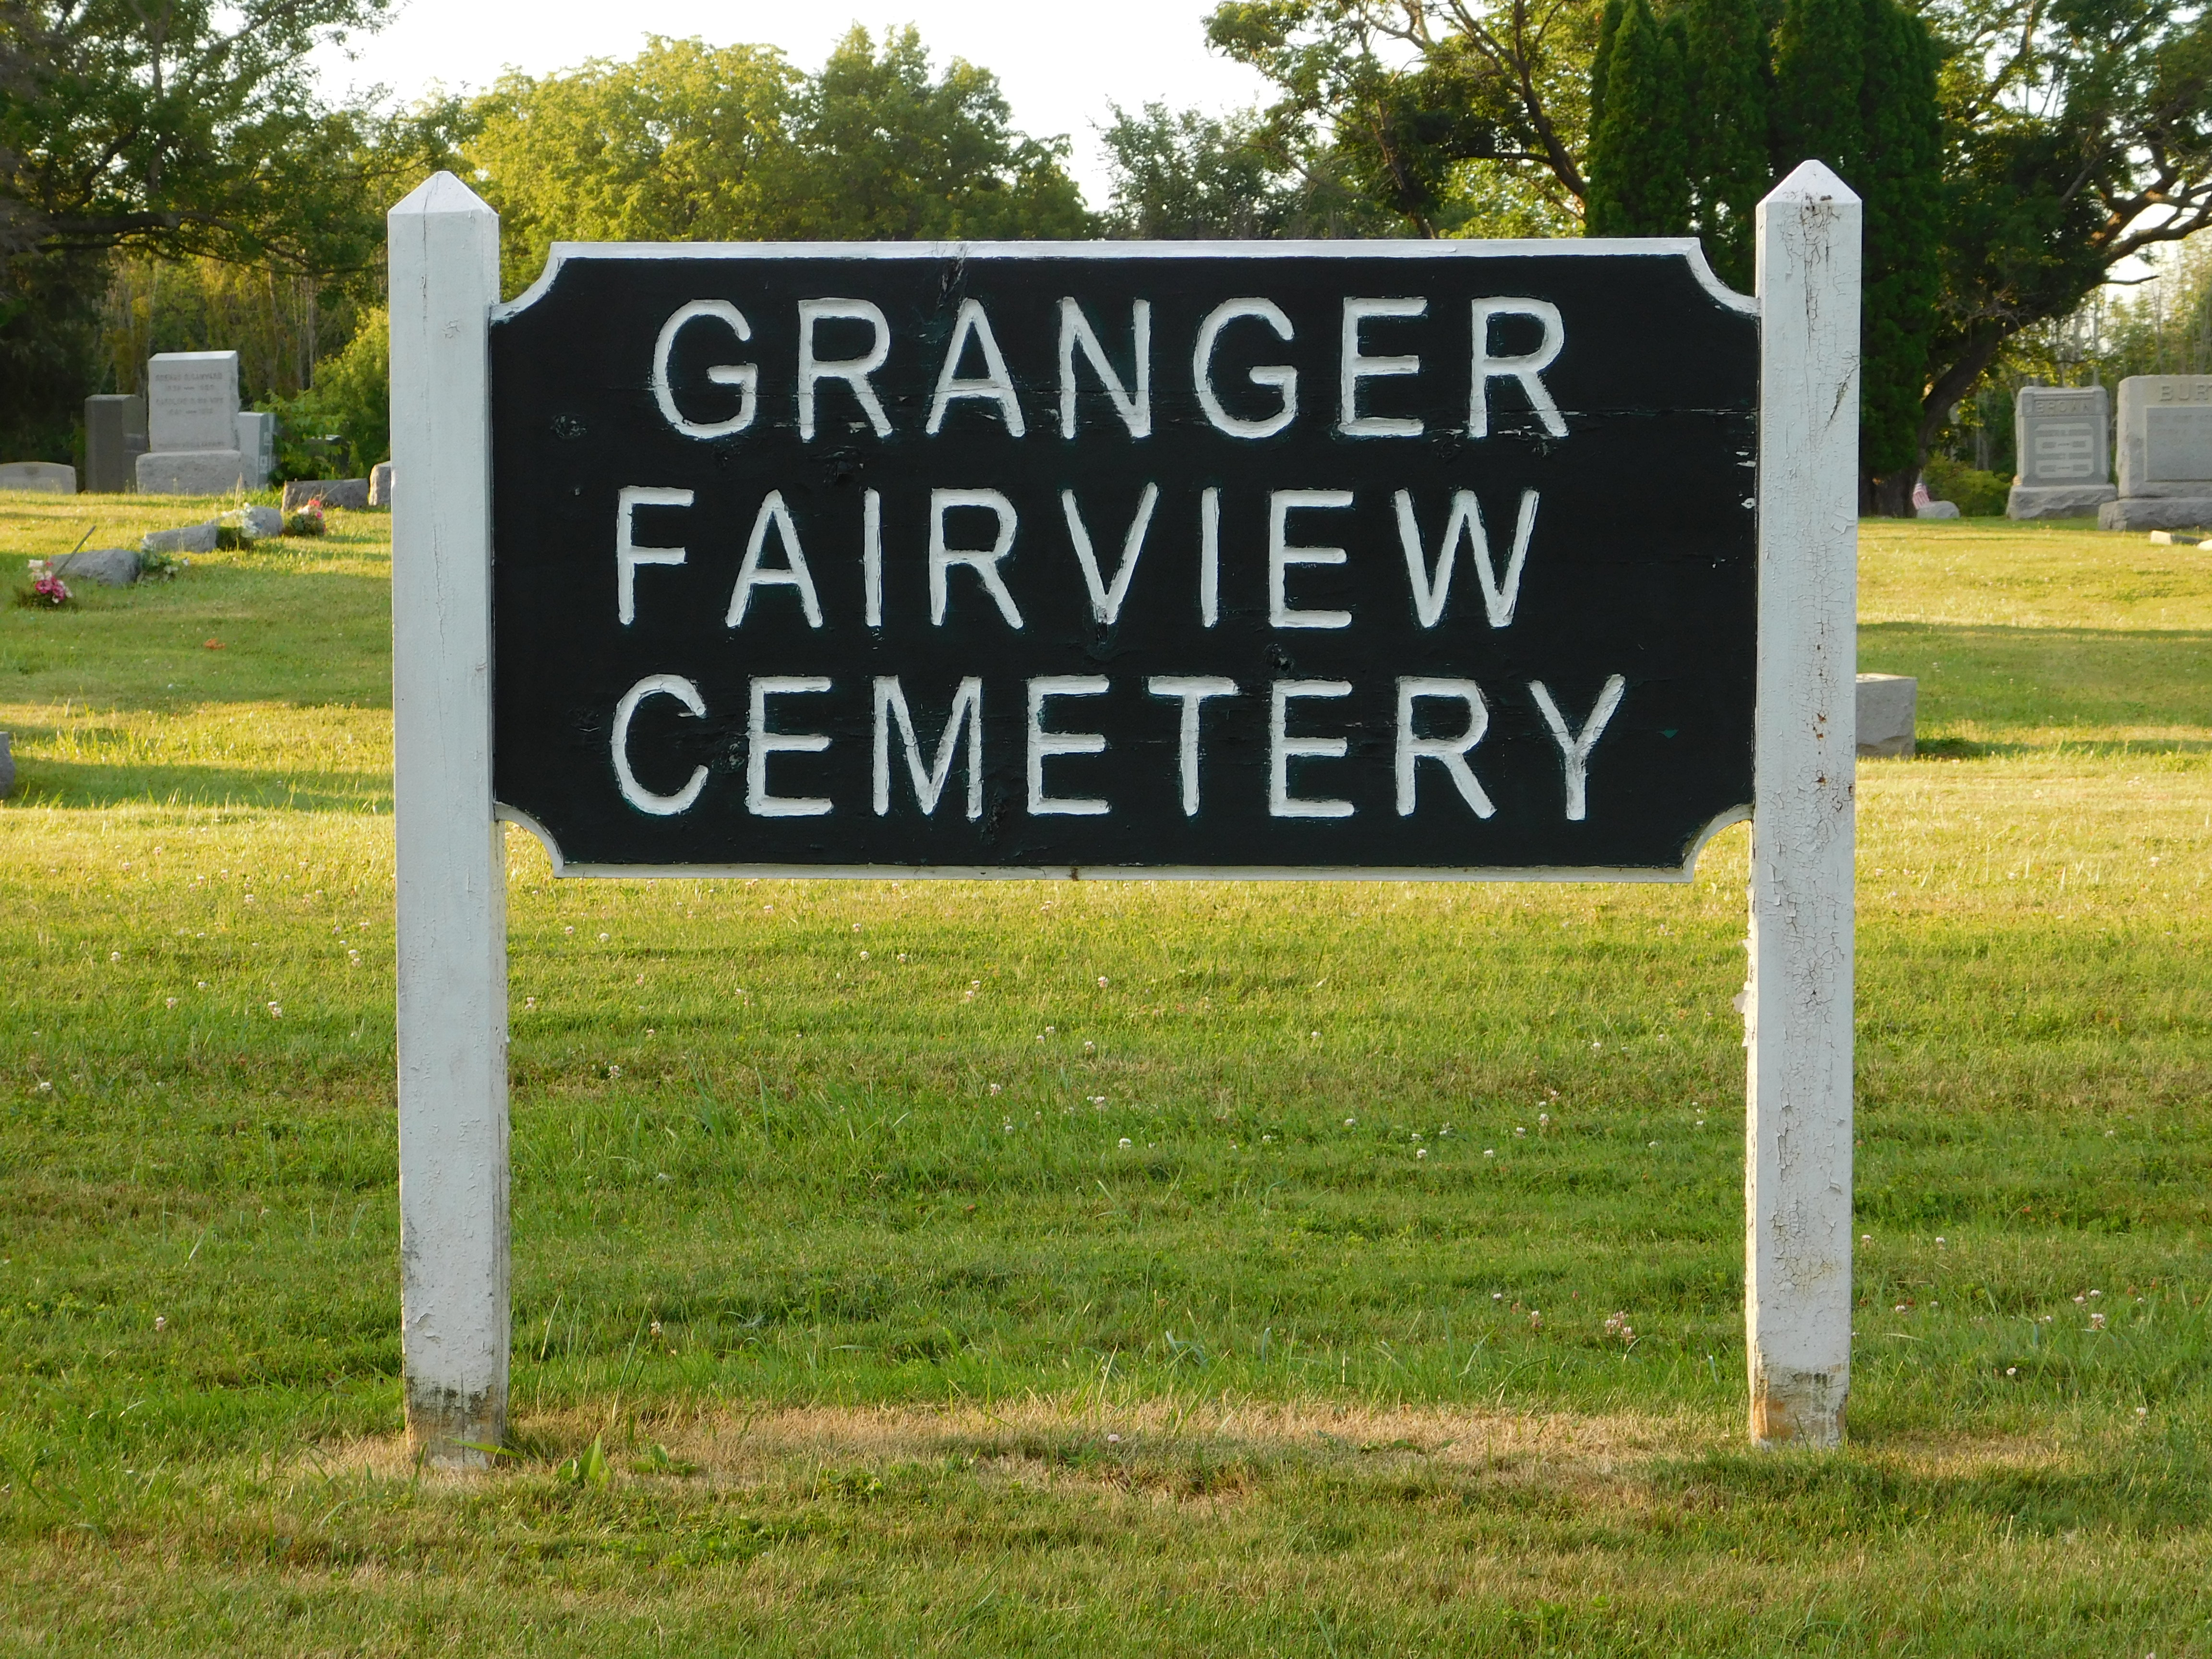 Granger Fairview Cemetery